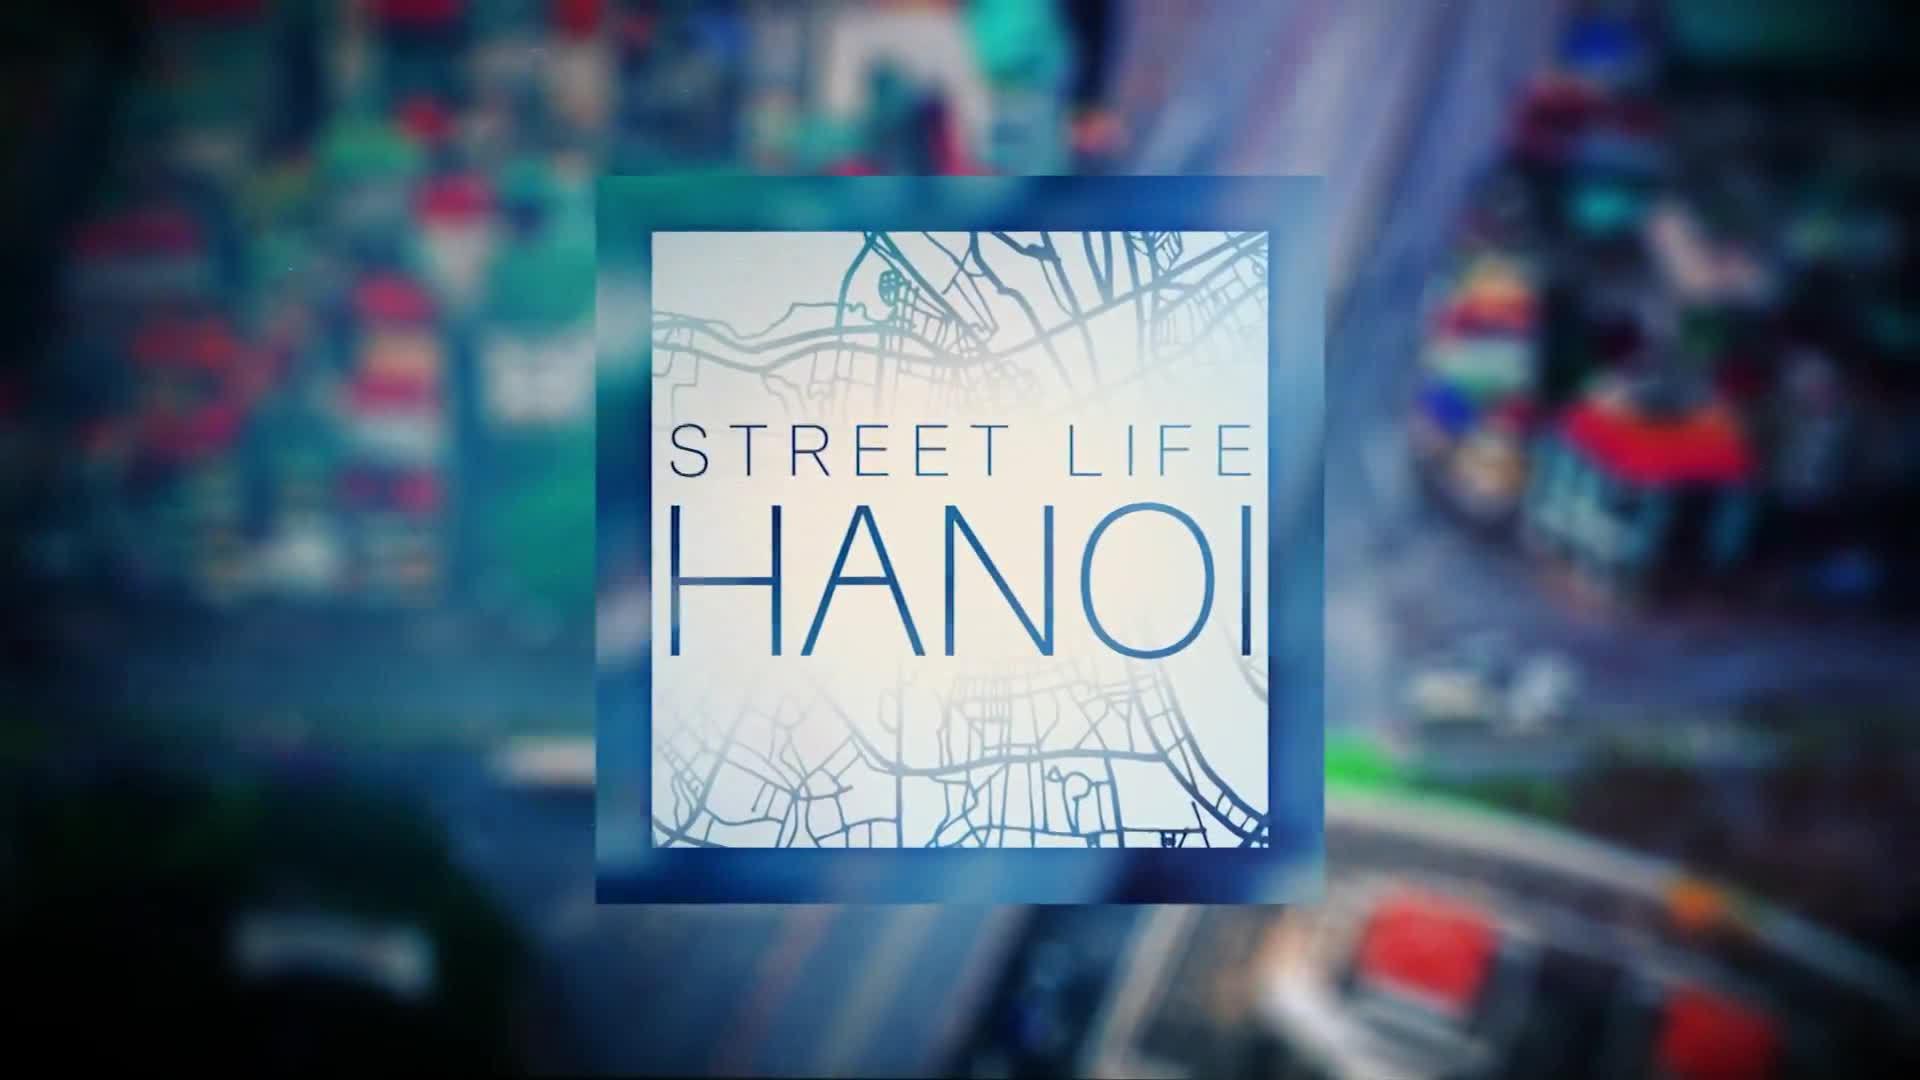 Phố Tràng Tiền nổi tiếng nhất Hà Nội lên báo Mỹ/ Báo Mỹ: Tràng Tiền là phố nổi tiếng nhất Hà Nội?